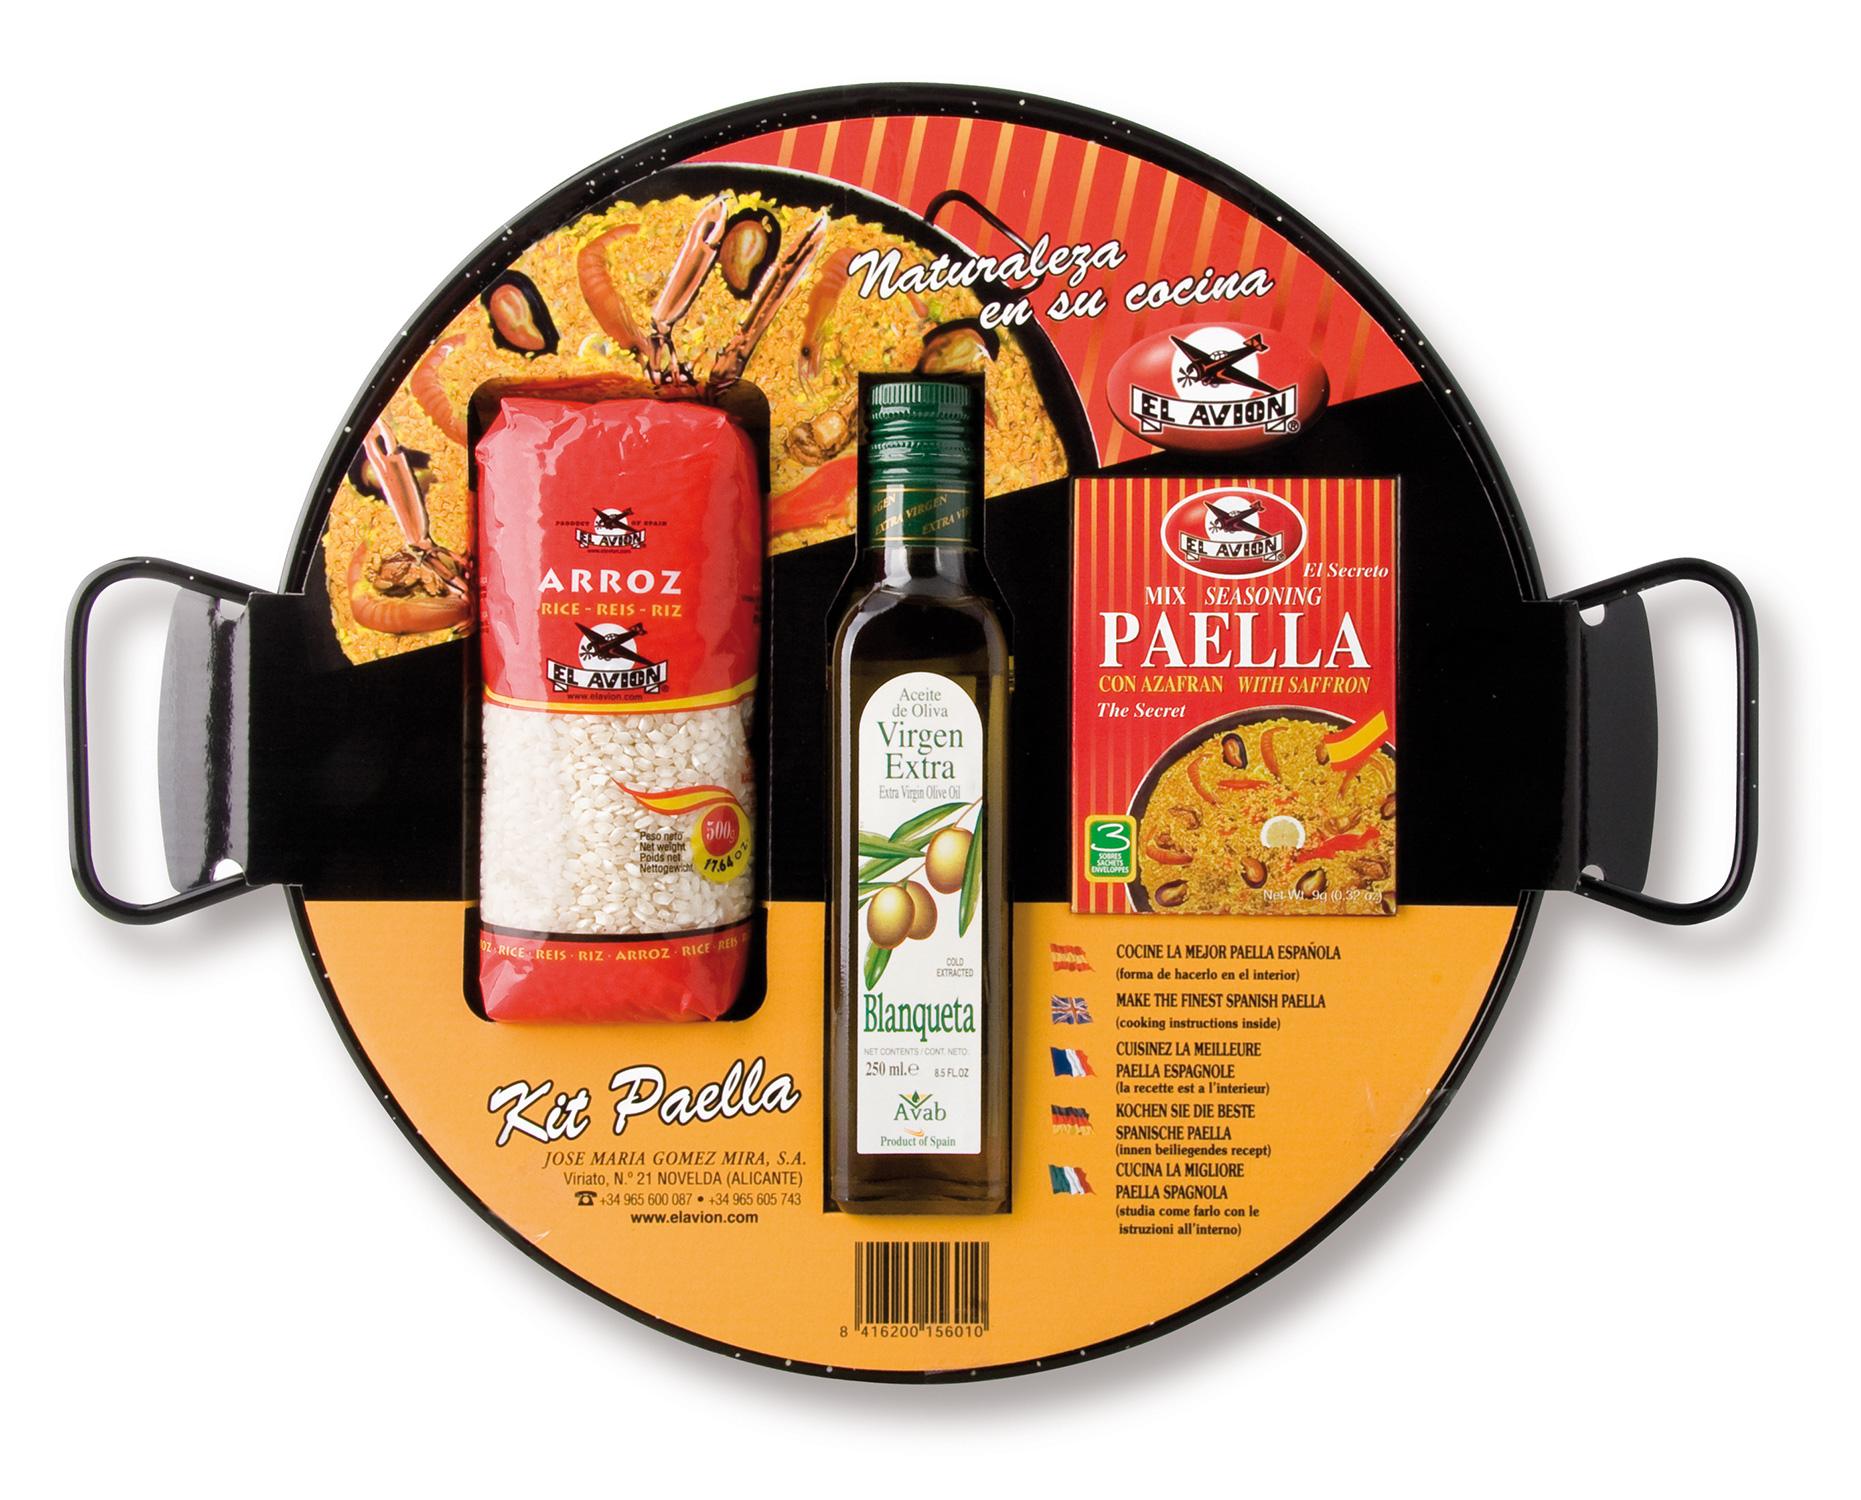 Kit à Paella émaillé pour 6 personnes